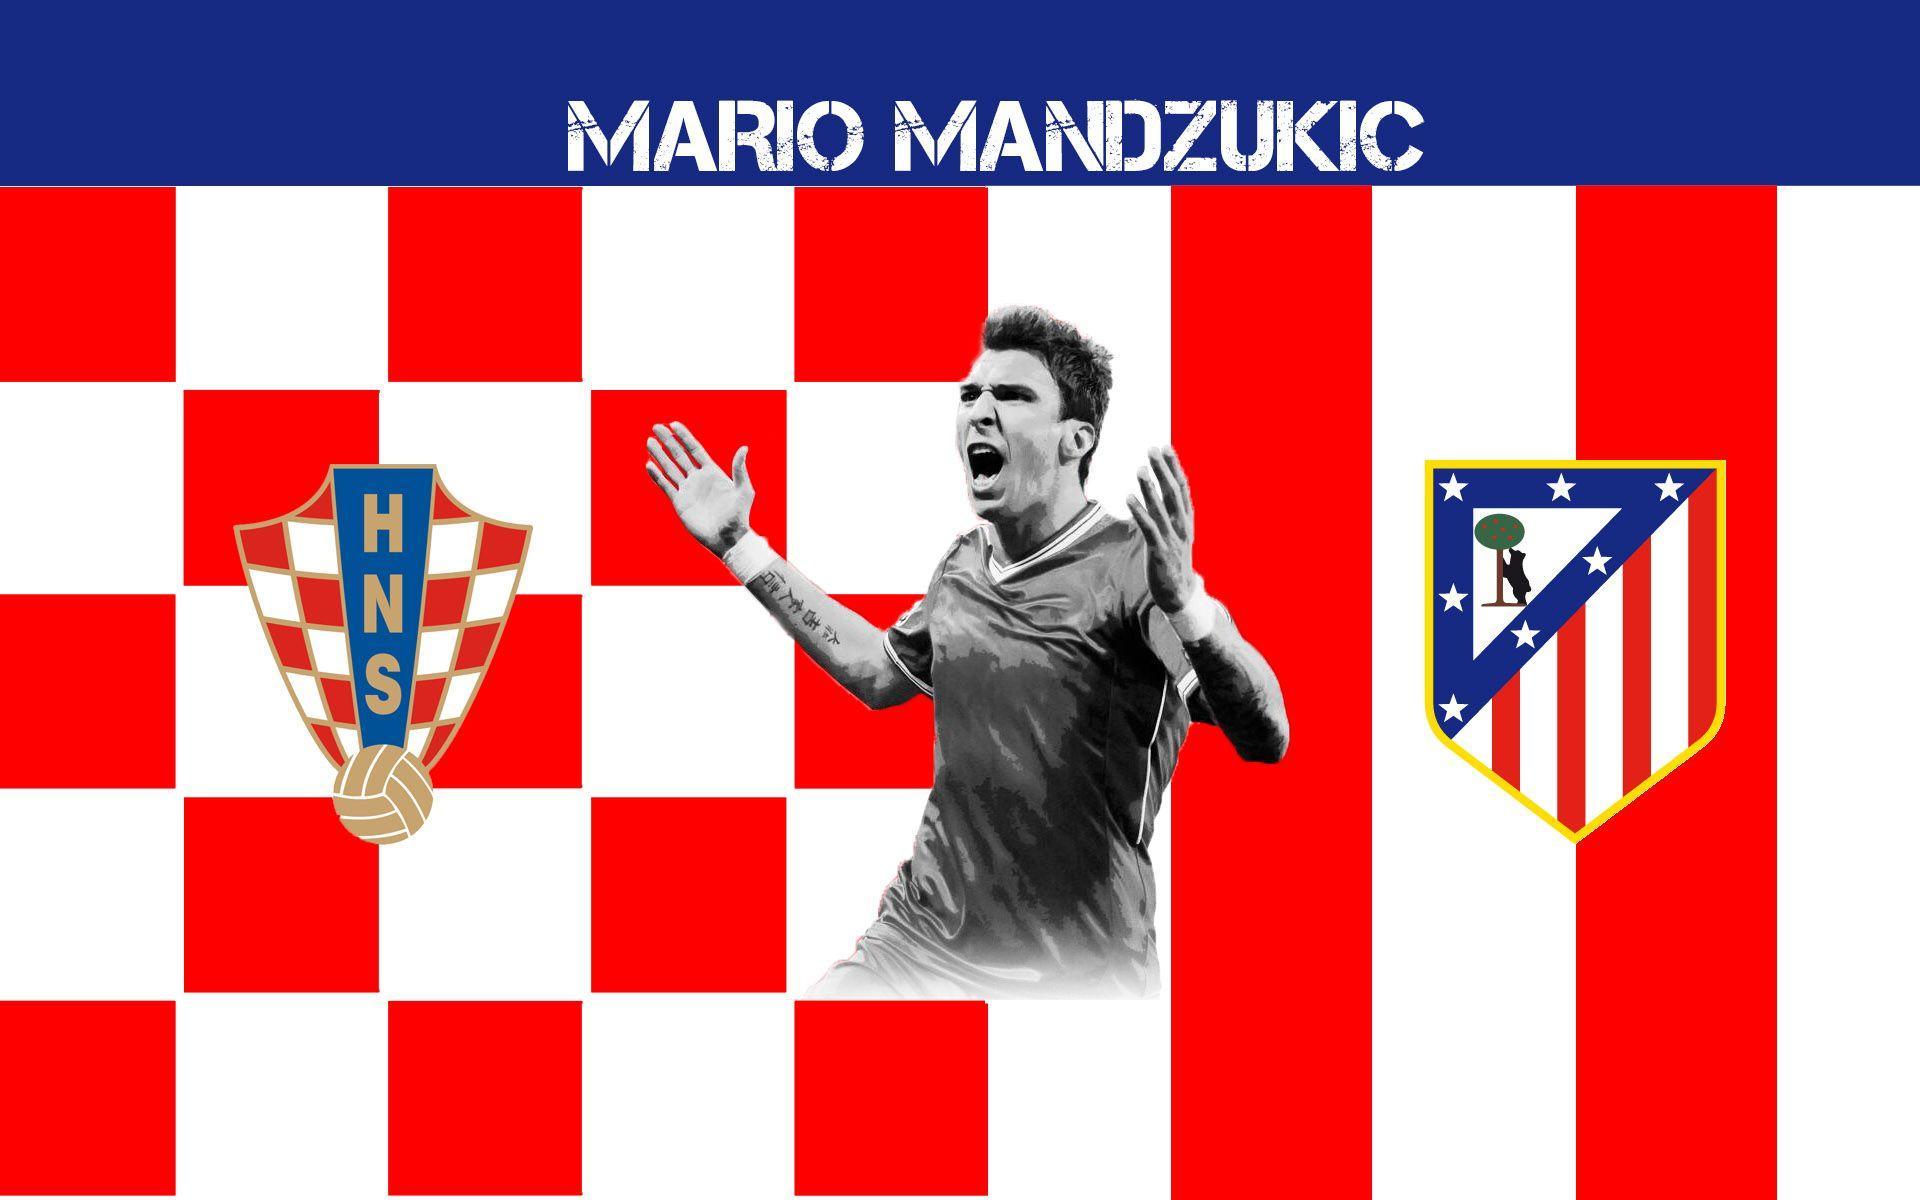 Mario Mandzukic 2014 Atletico De Madrid Wallpaper Wide or HD ...